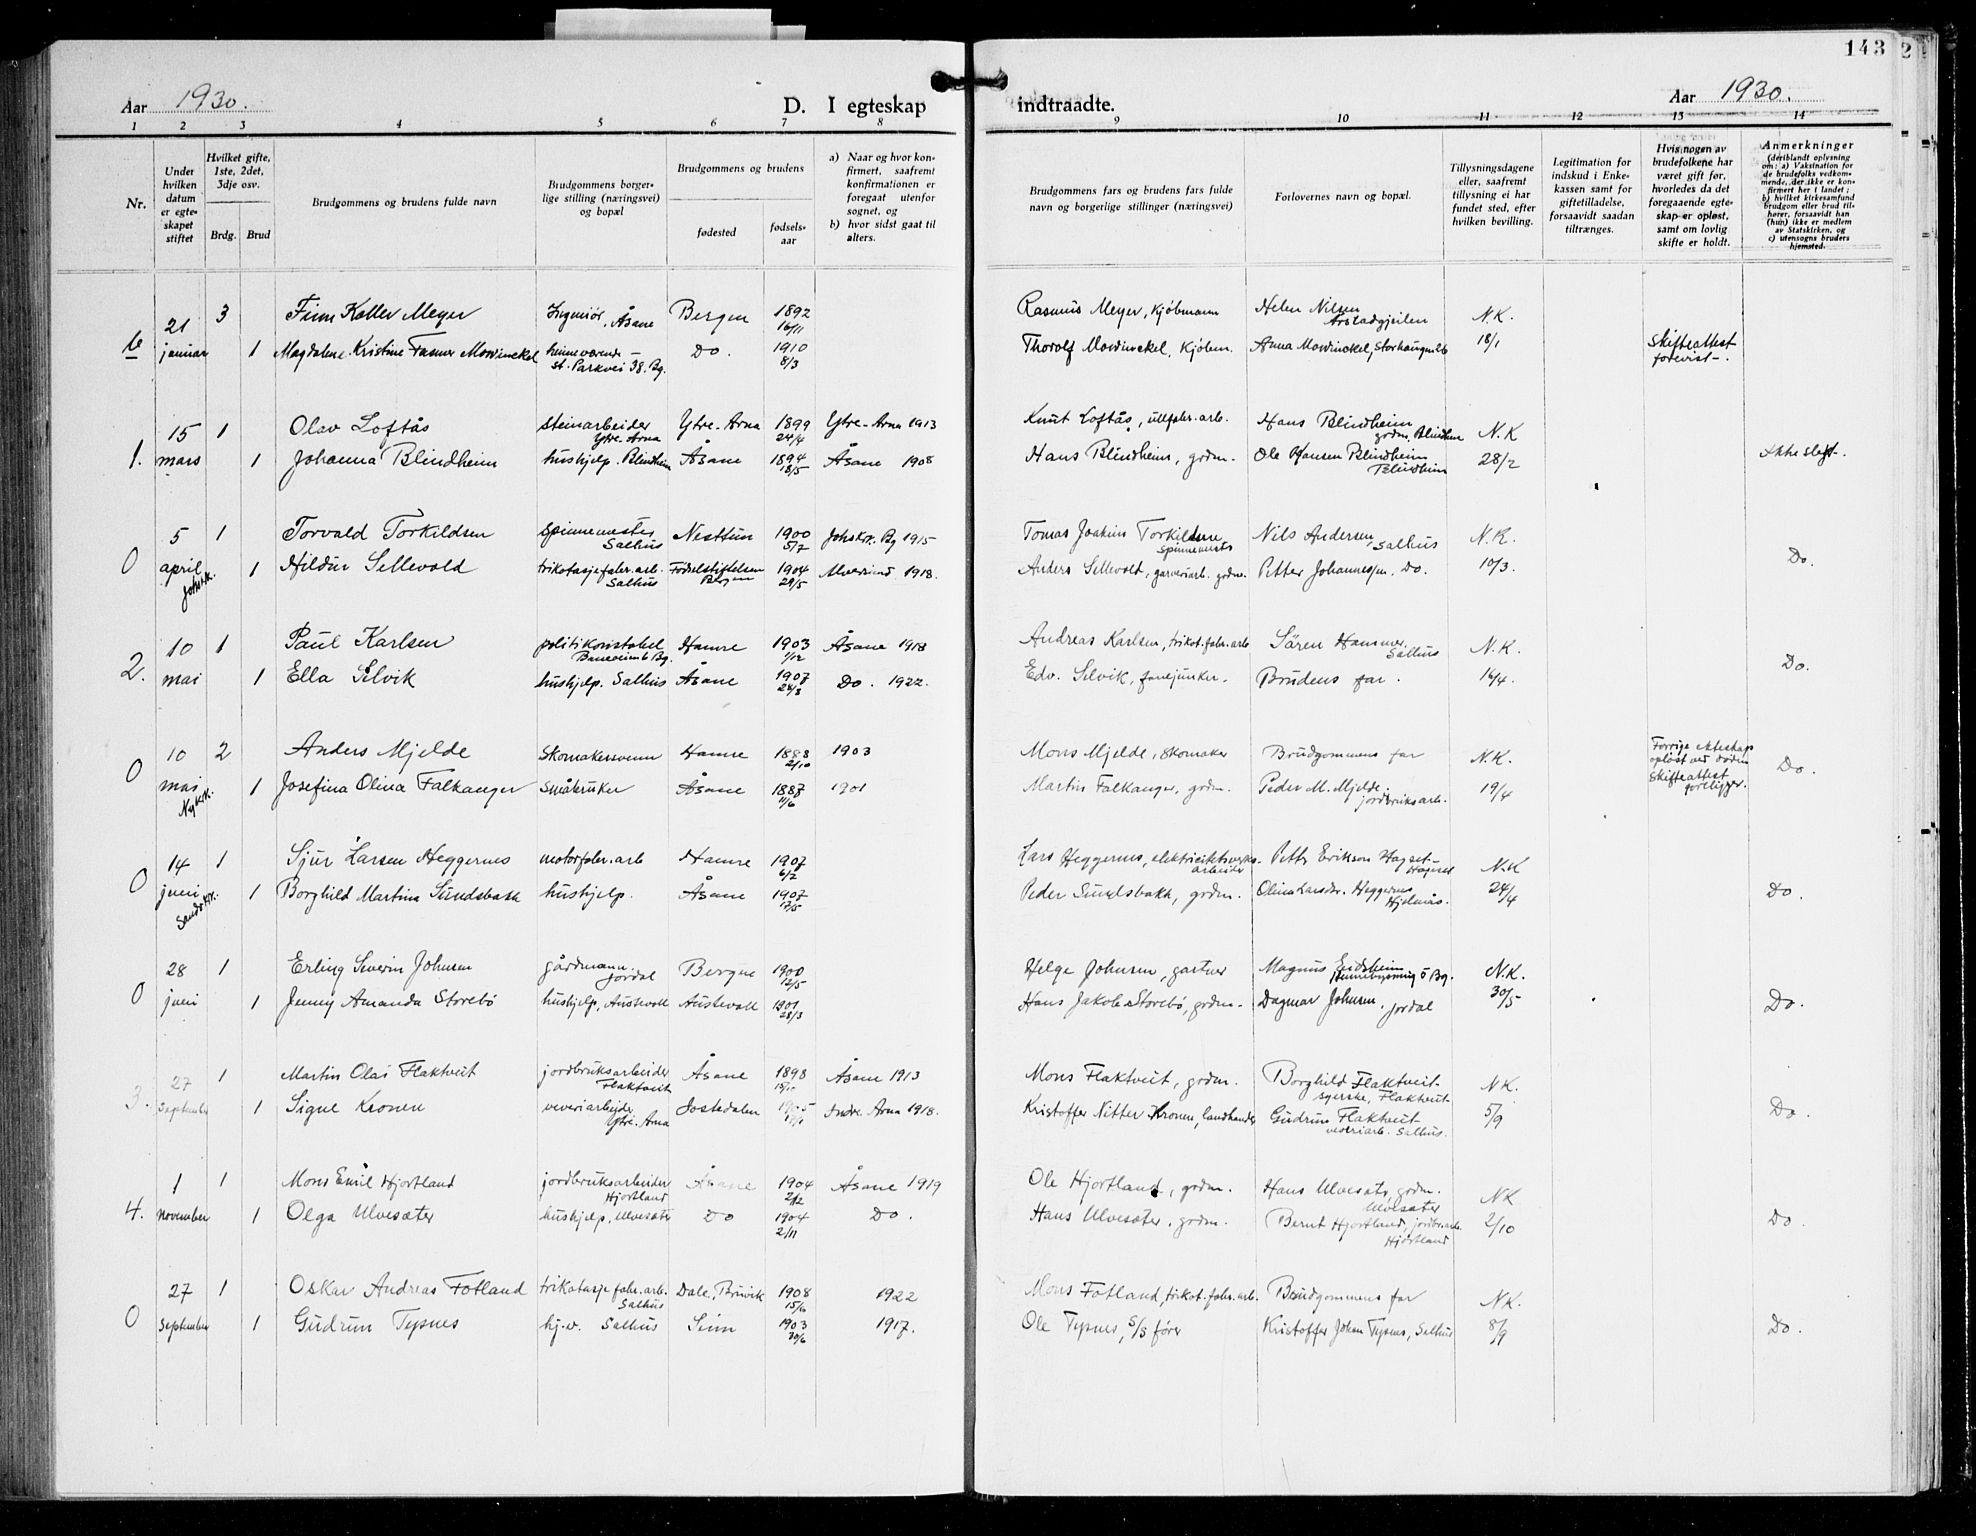 SAB, Åsane Sokneprestembete, H/Hab: Klokkerbok nr. A 5, 1928-1943, s. 143